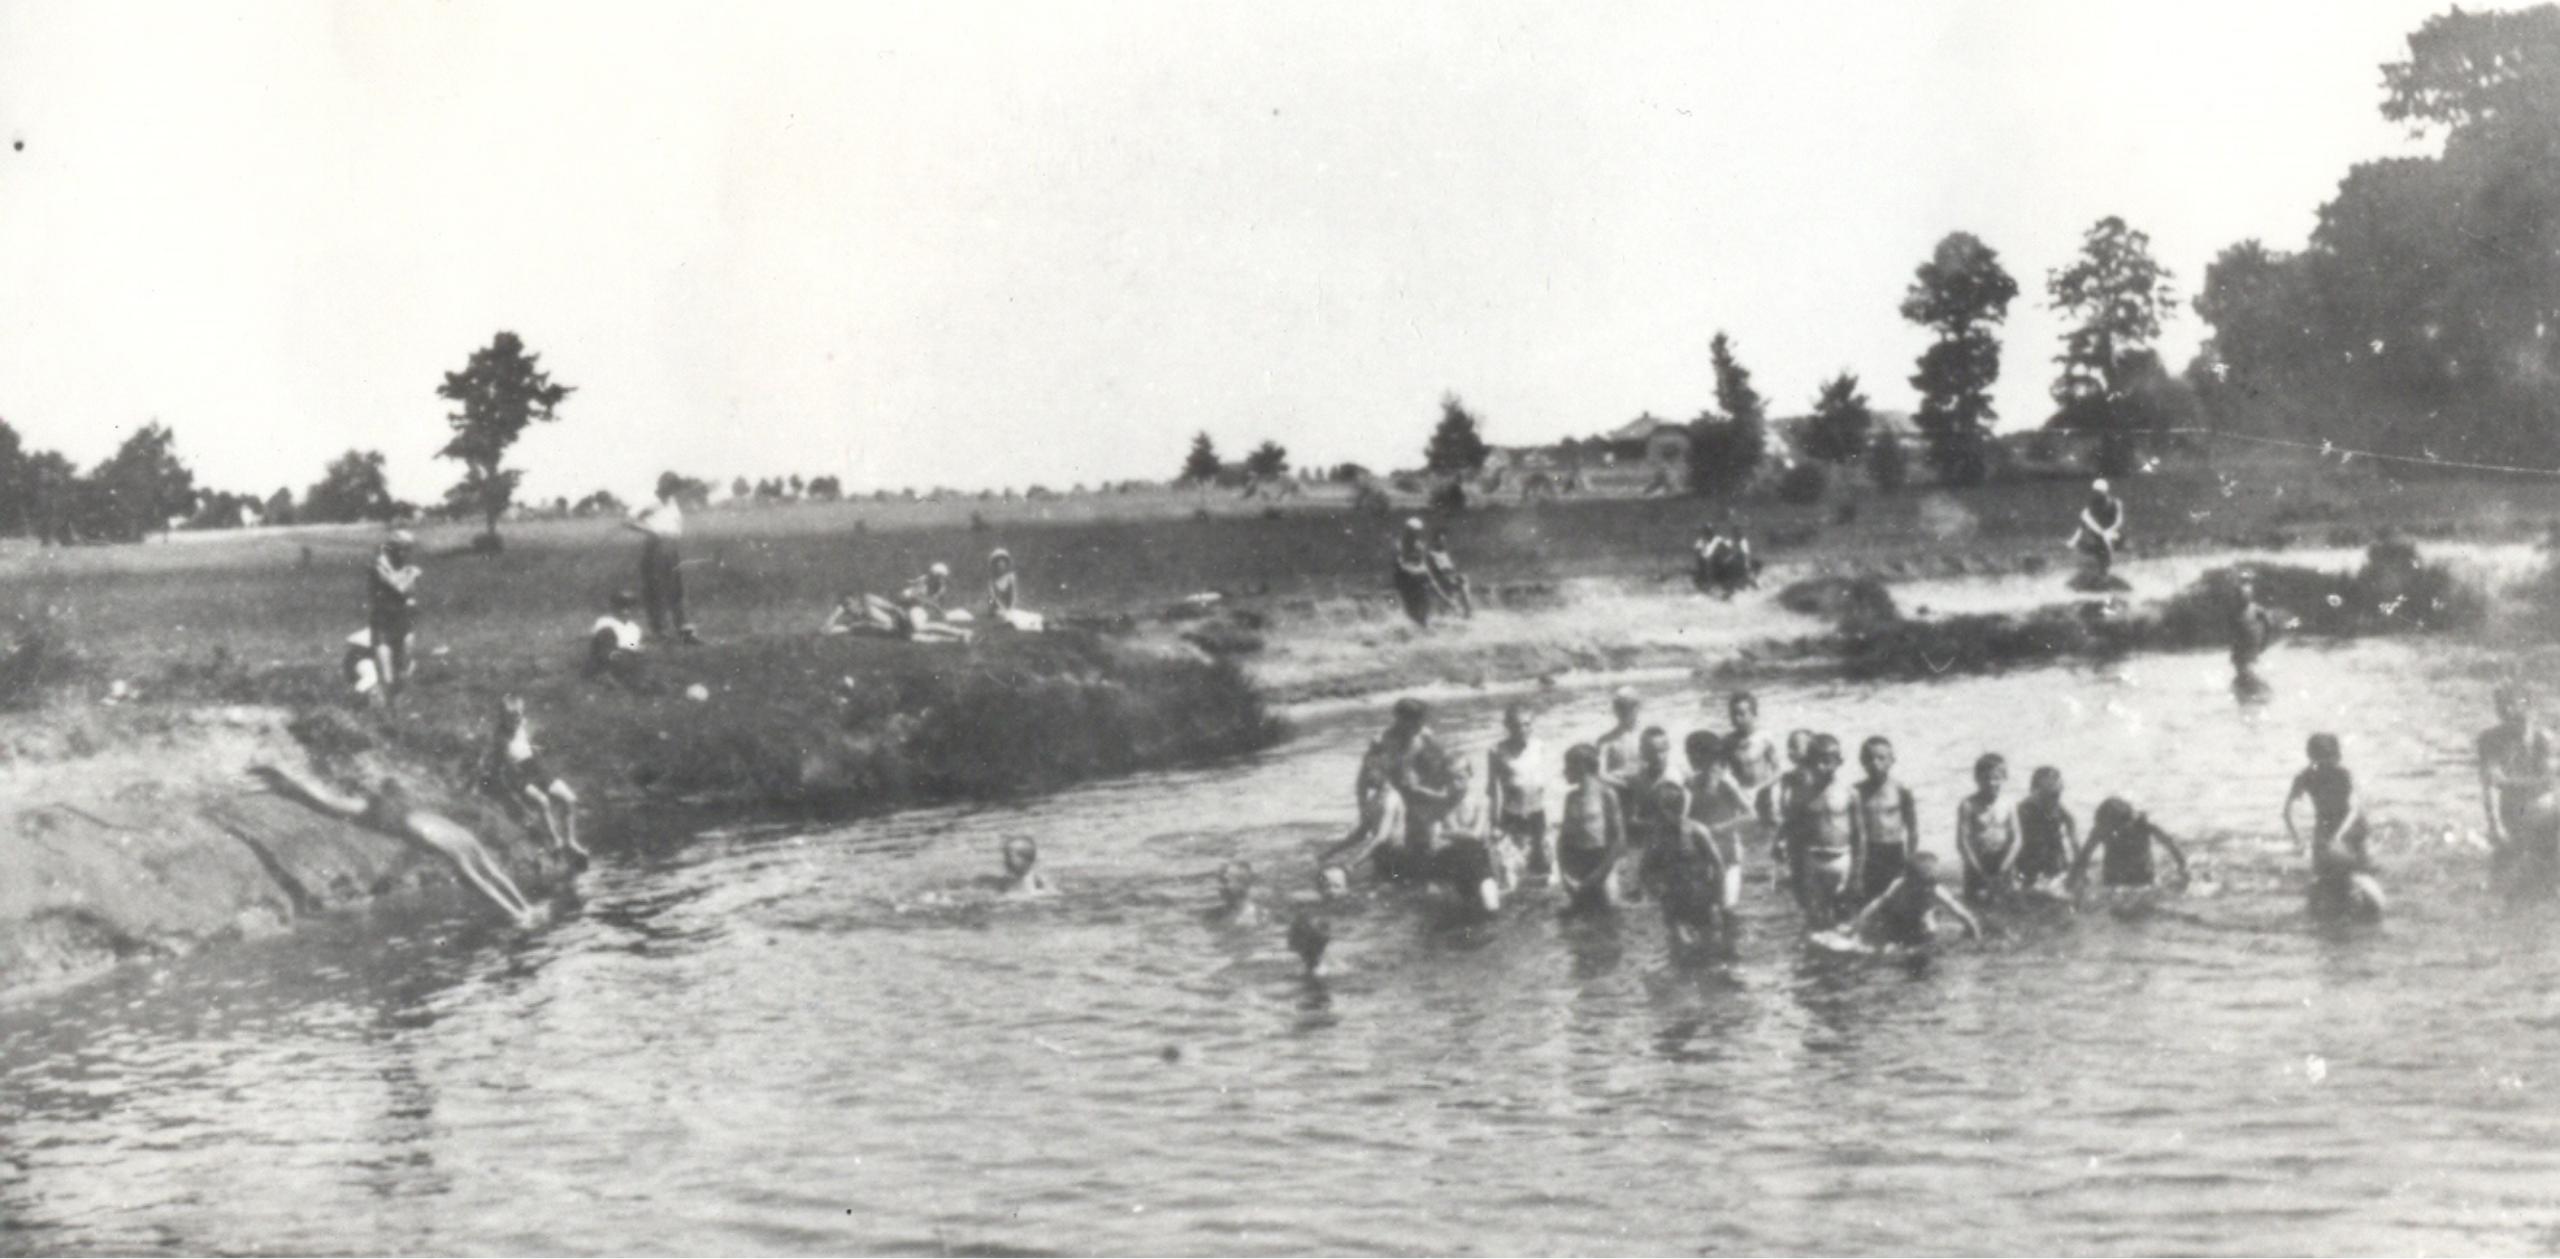 1932 - Kolonie w Lipinach, zdjęcie czarno-białe